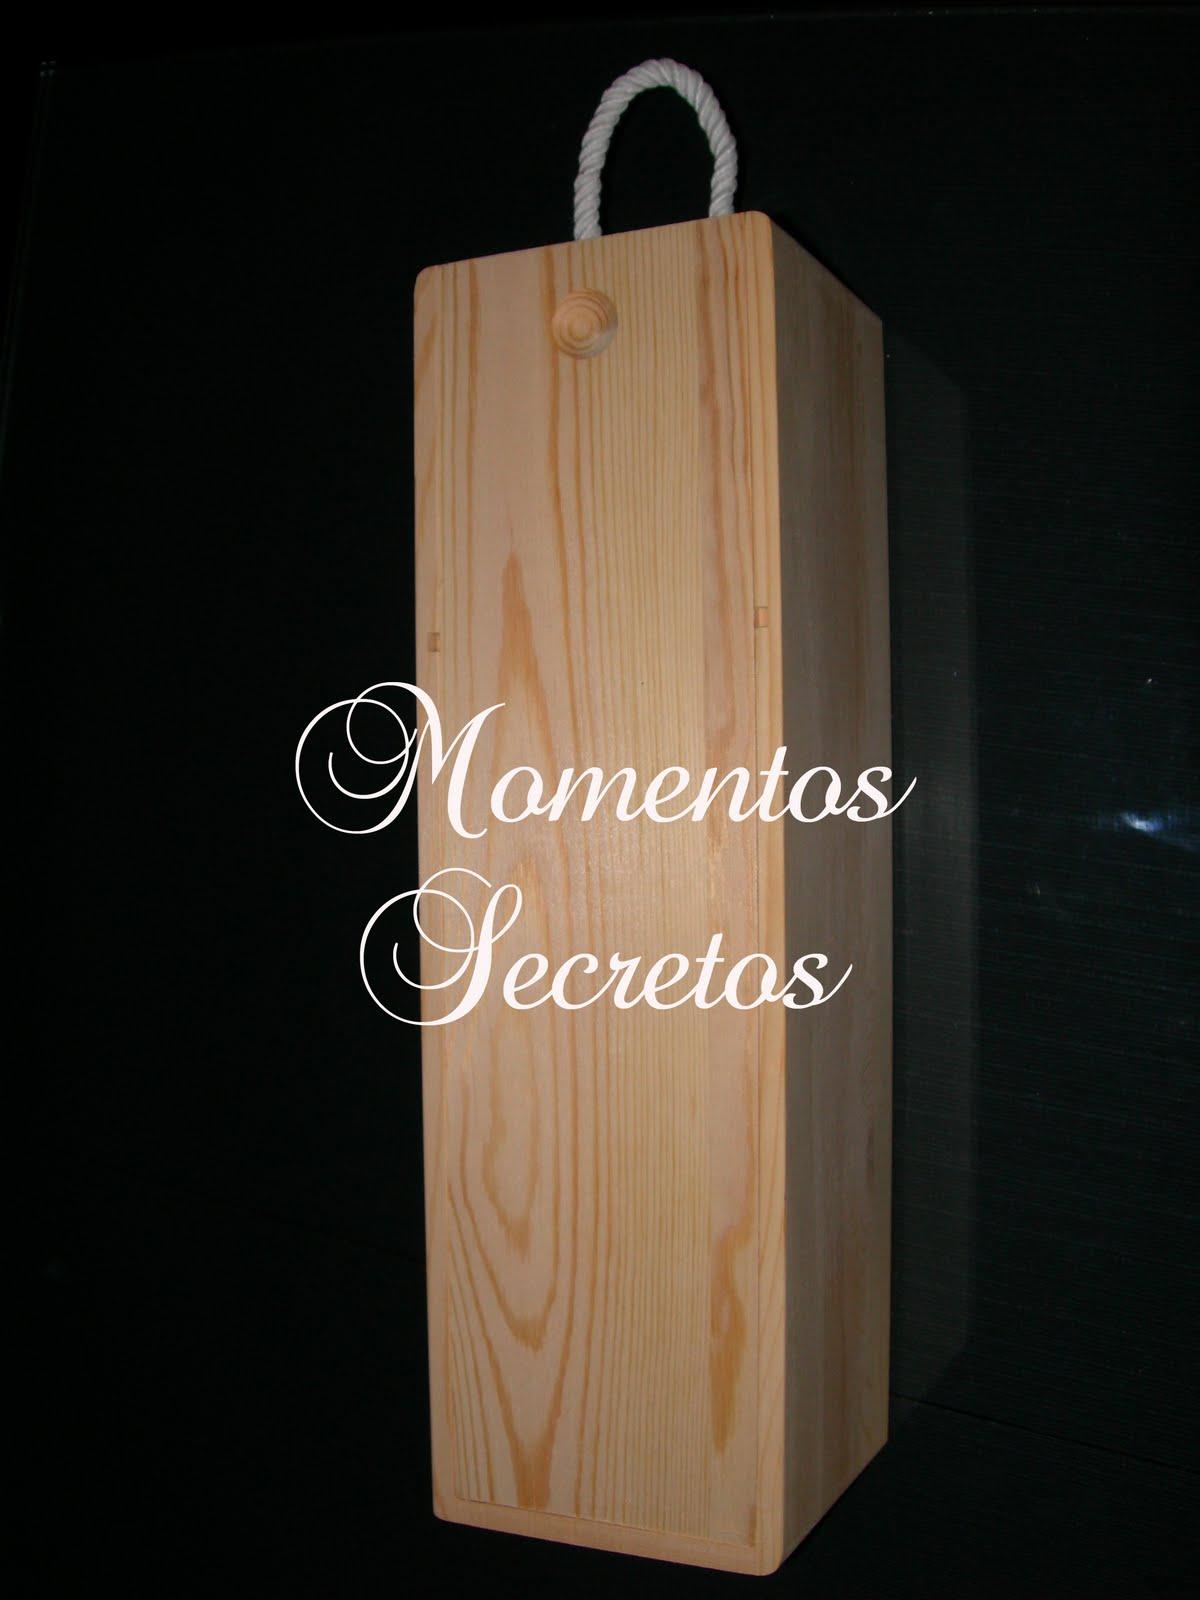 Caixa de Madeira em Forma de Coração (10x10cm) 3€ #304B6B 1200x1600